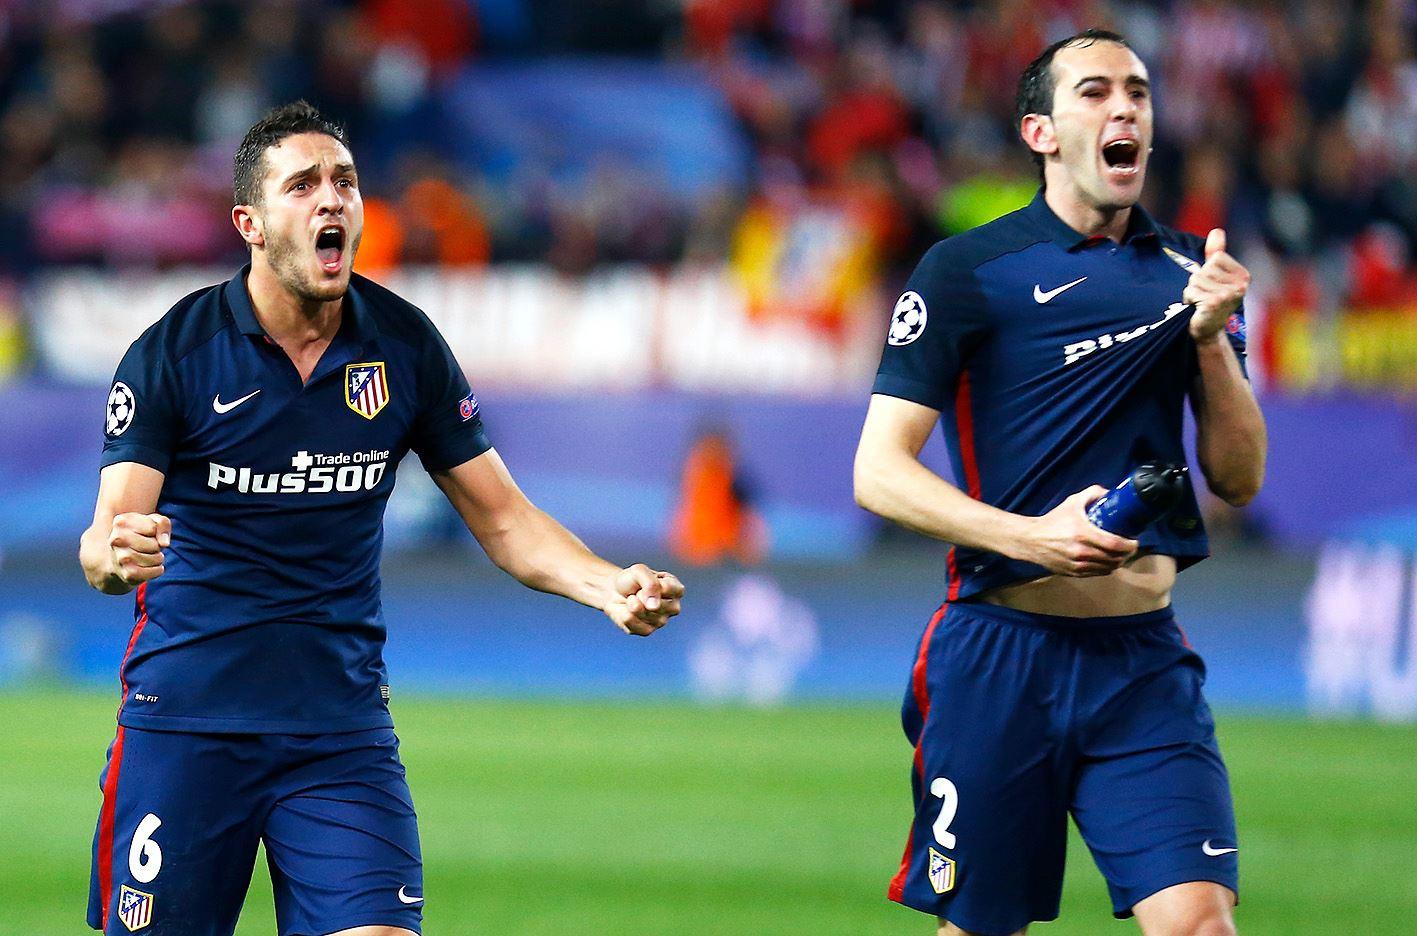 Força na defesa impulsiona o Atletico de Simeone (Foto:UEFA/Divulgação)